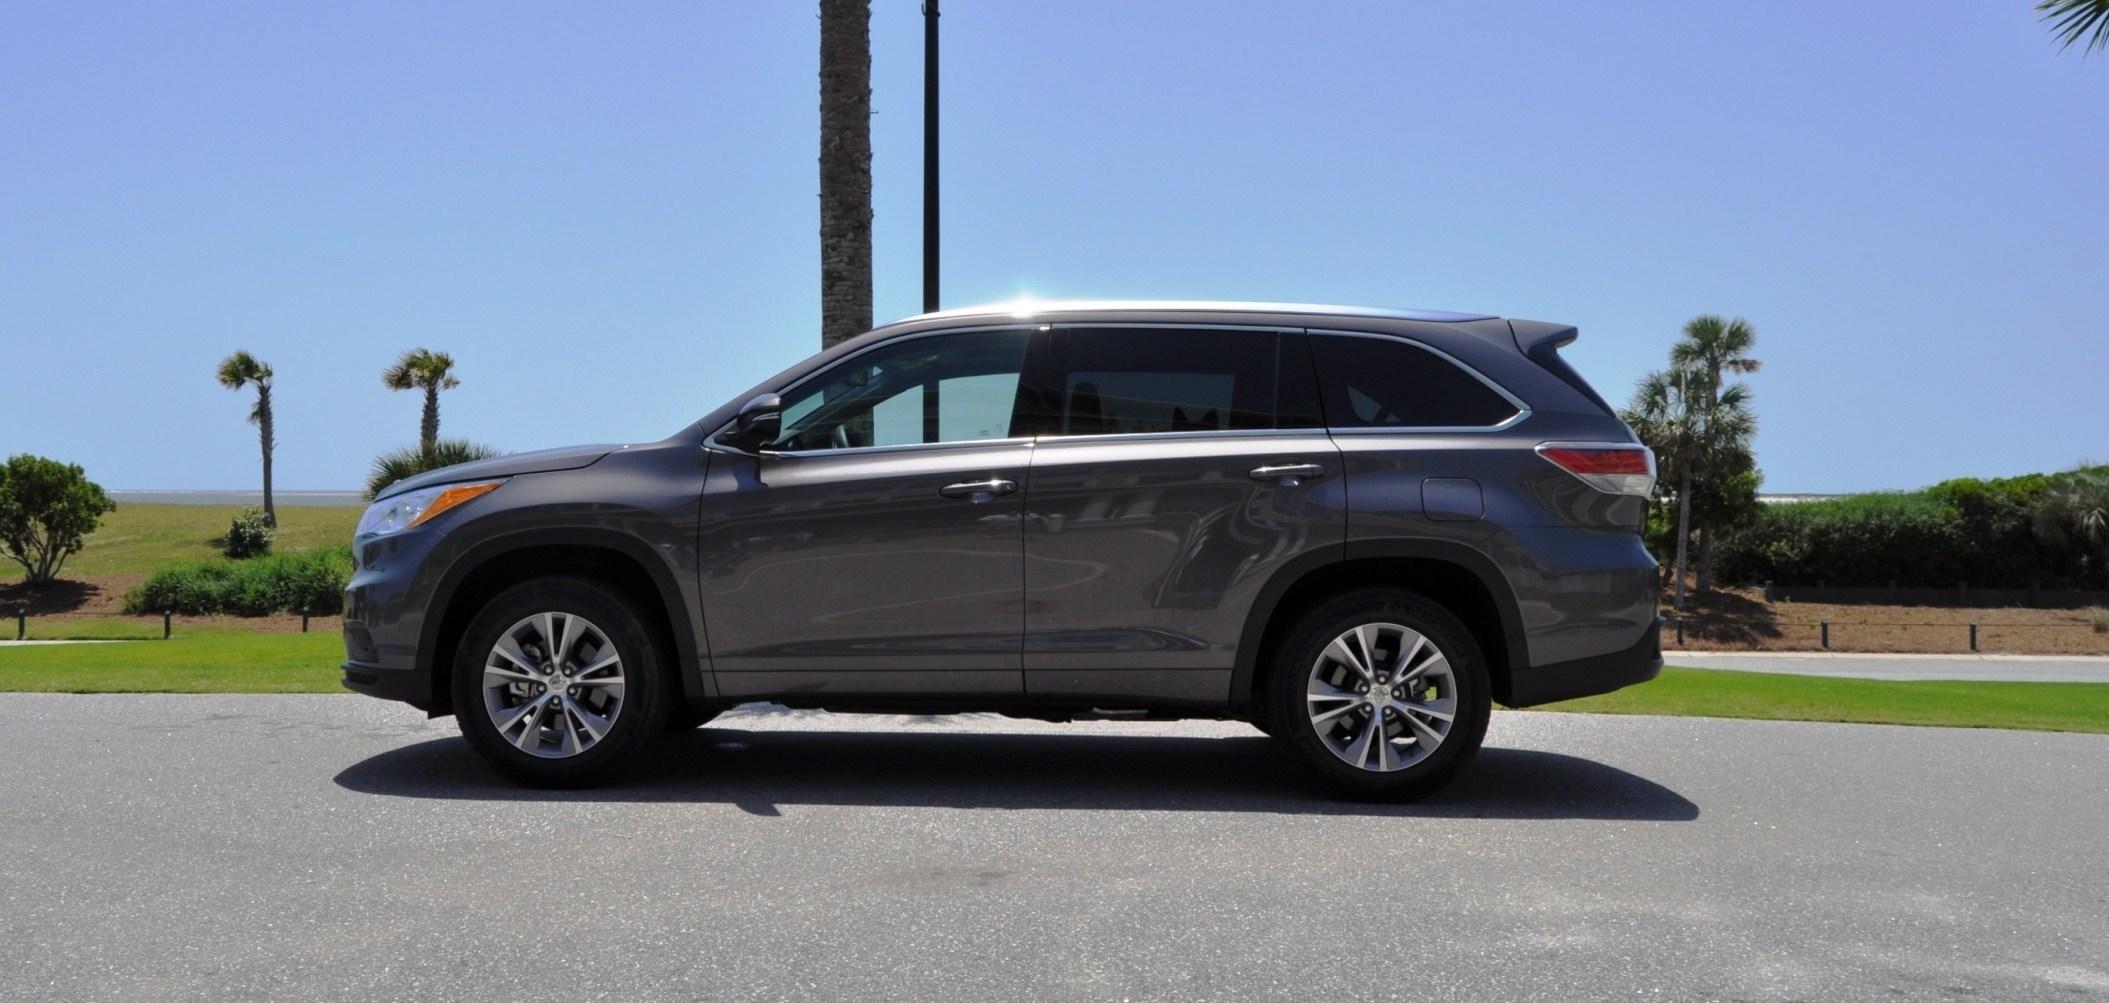 Car-Revs-Daily.com Road Test Review - 2014 Toyota Highlander XLE V6 88